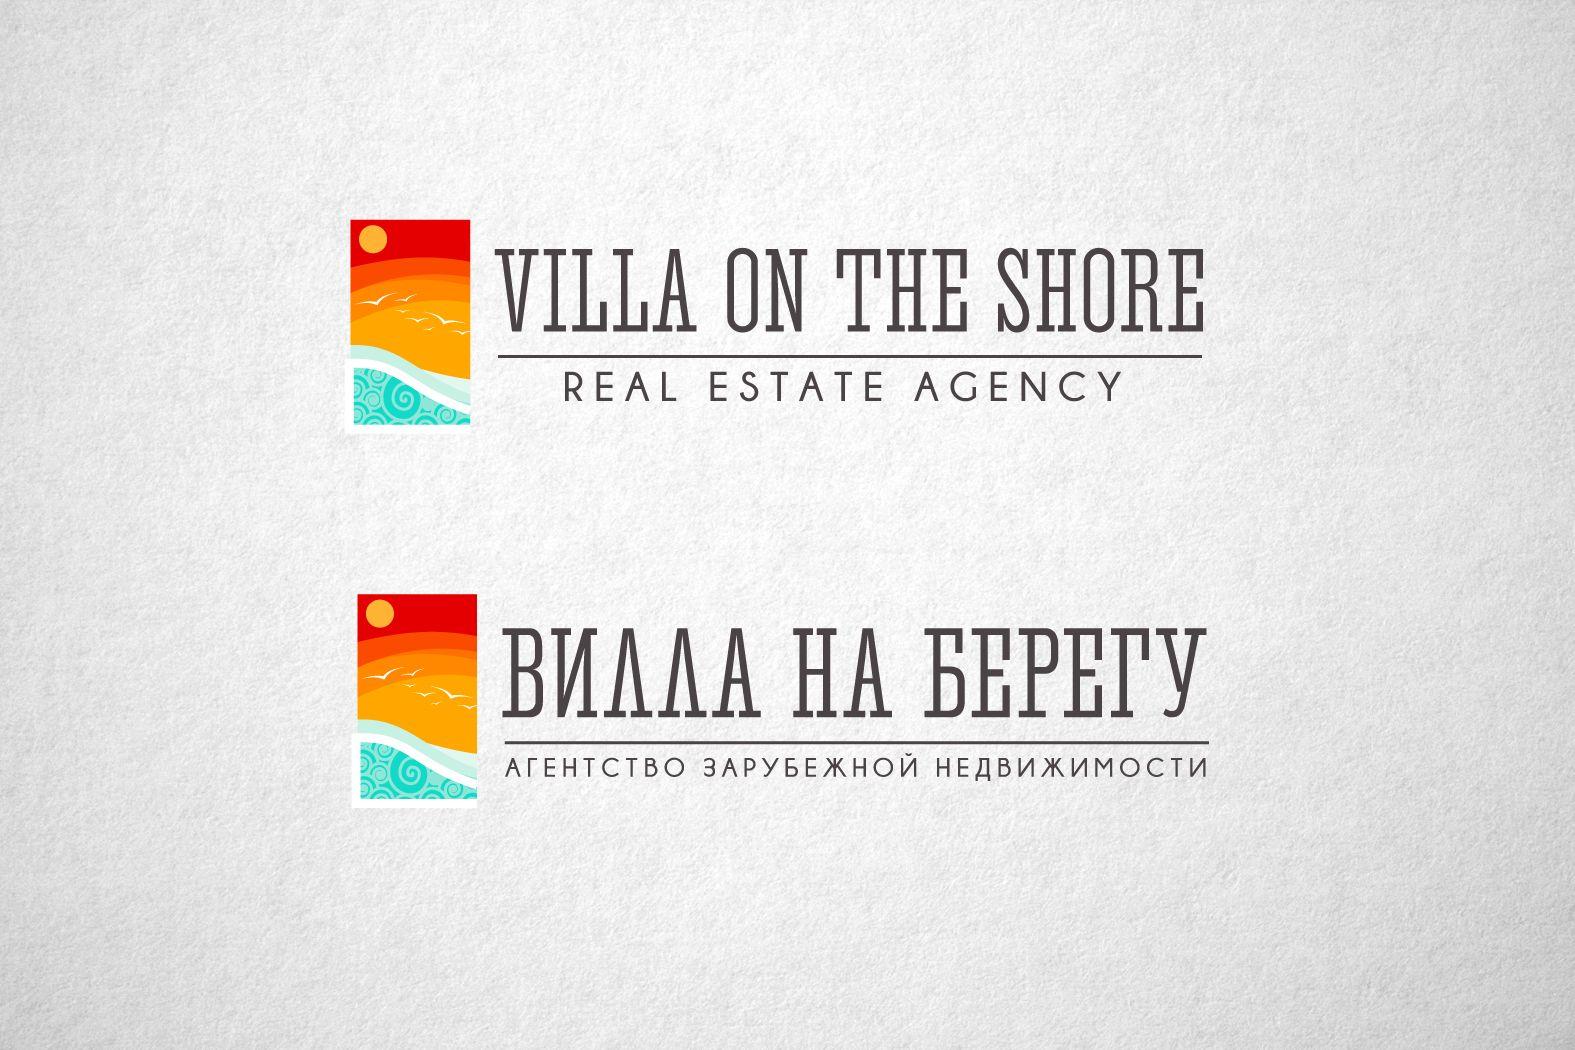 Фирстиль для агентства зарубежной недвижимости - дизайнер funkielevis